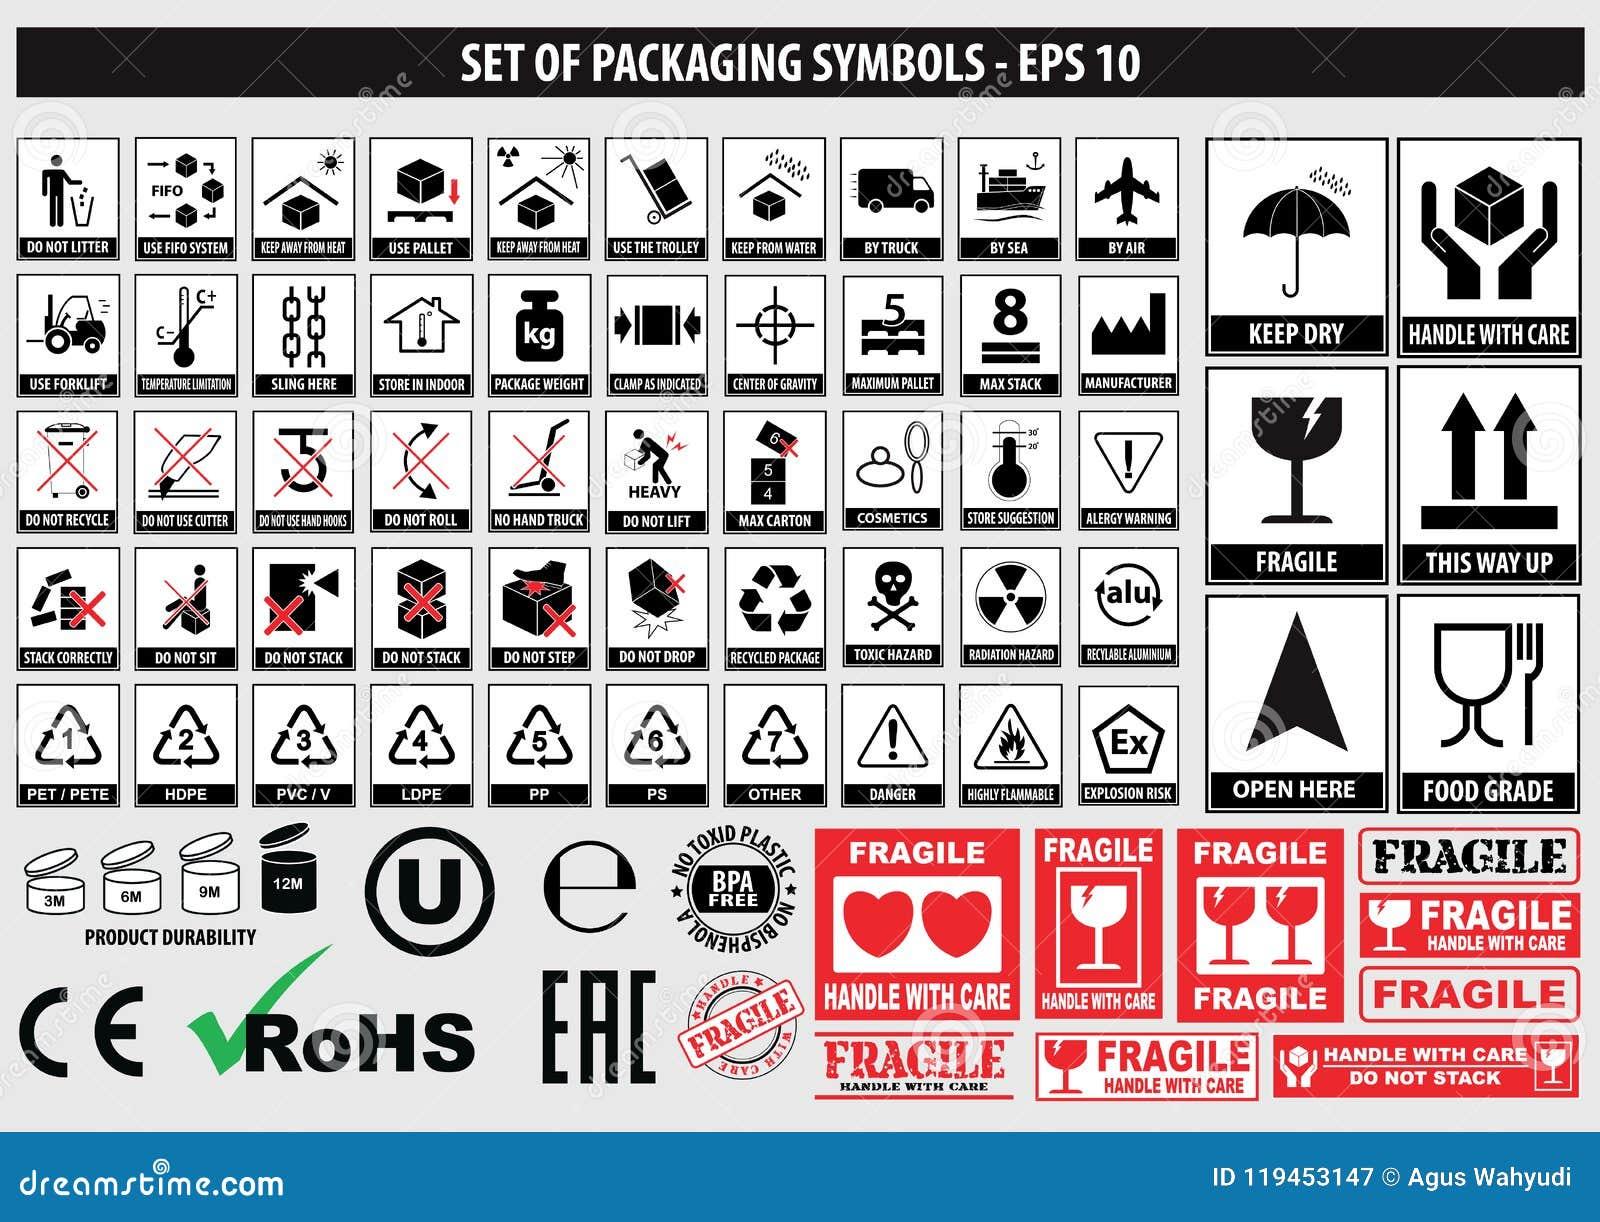 Set Of Packaging Symbols Fccrohstableware Plastic Fragile